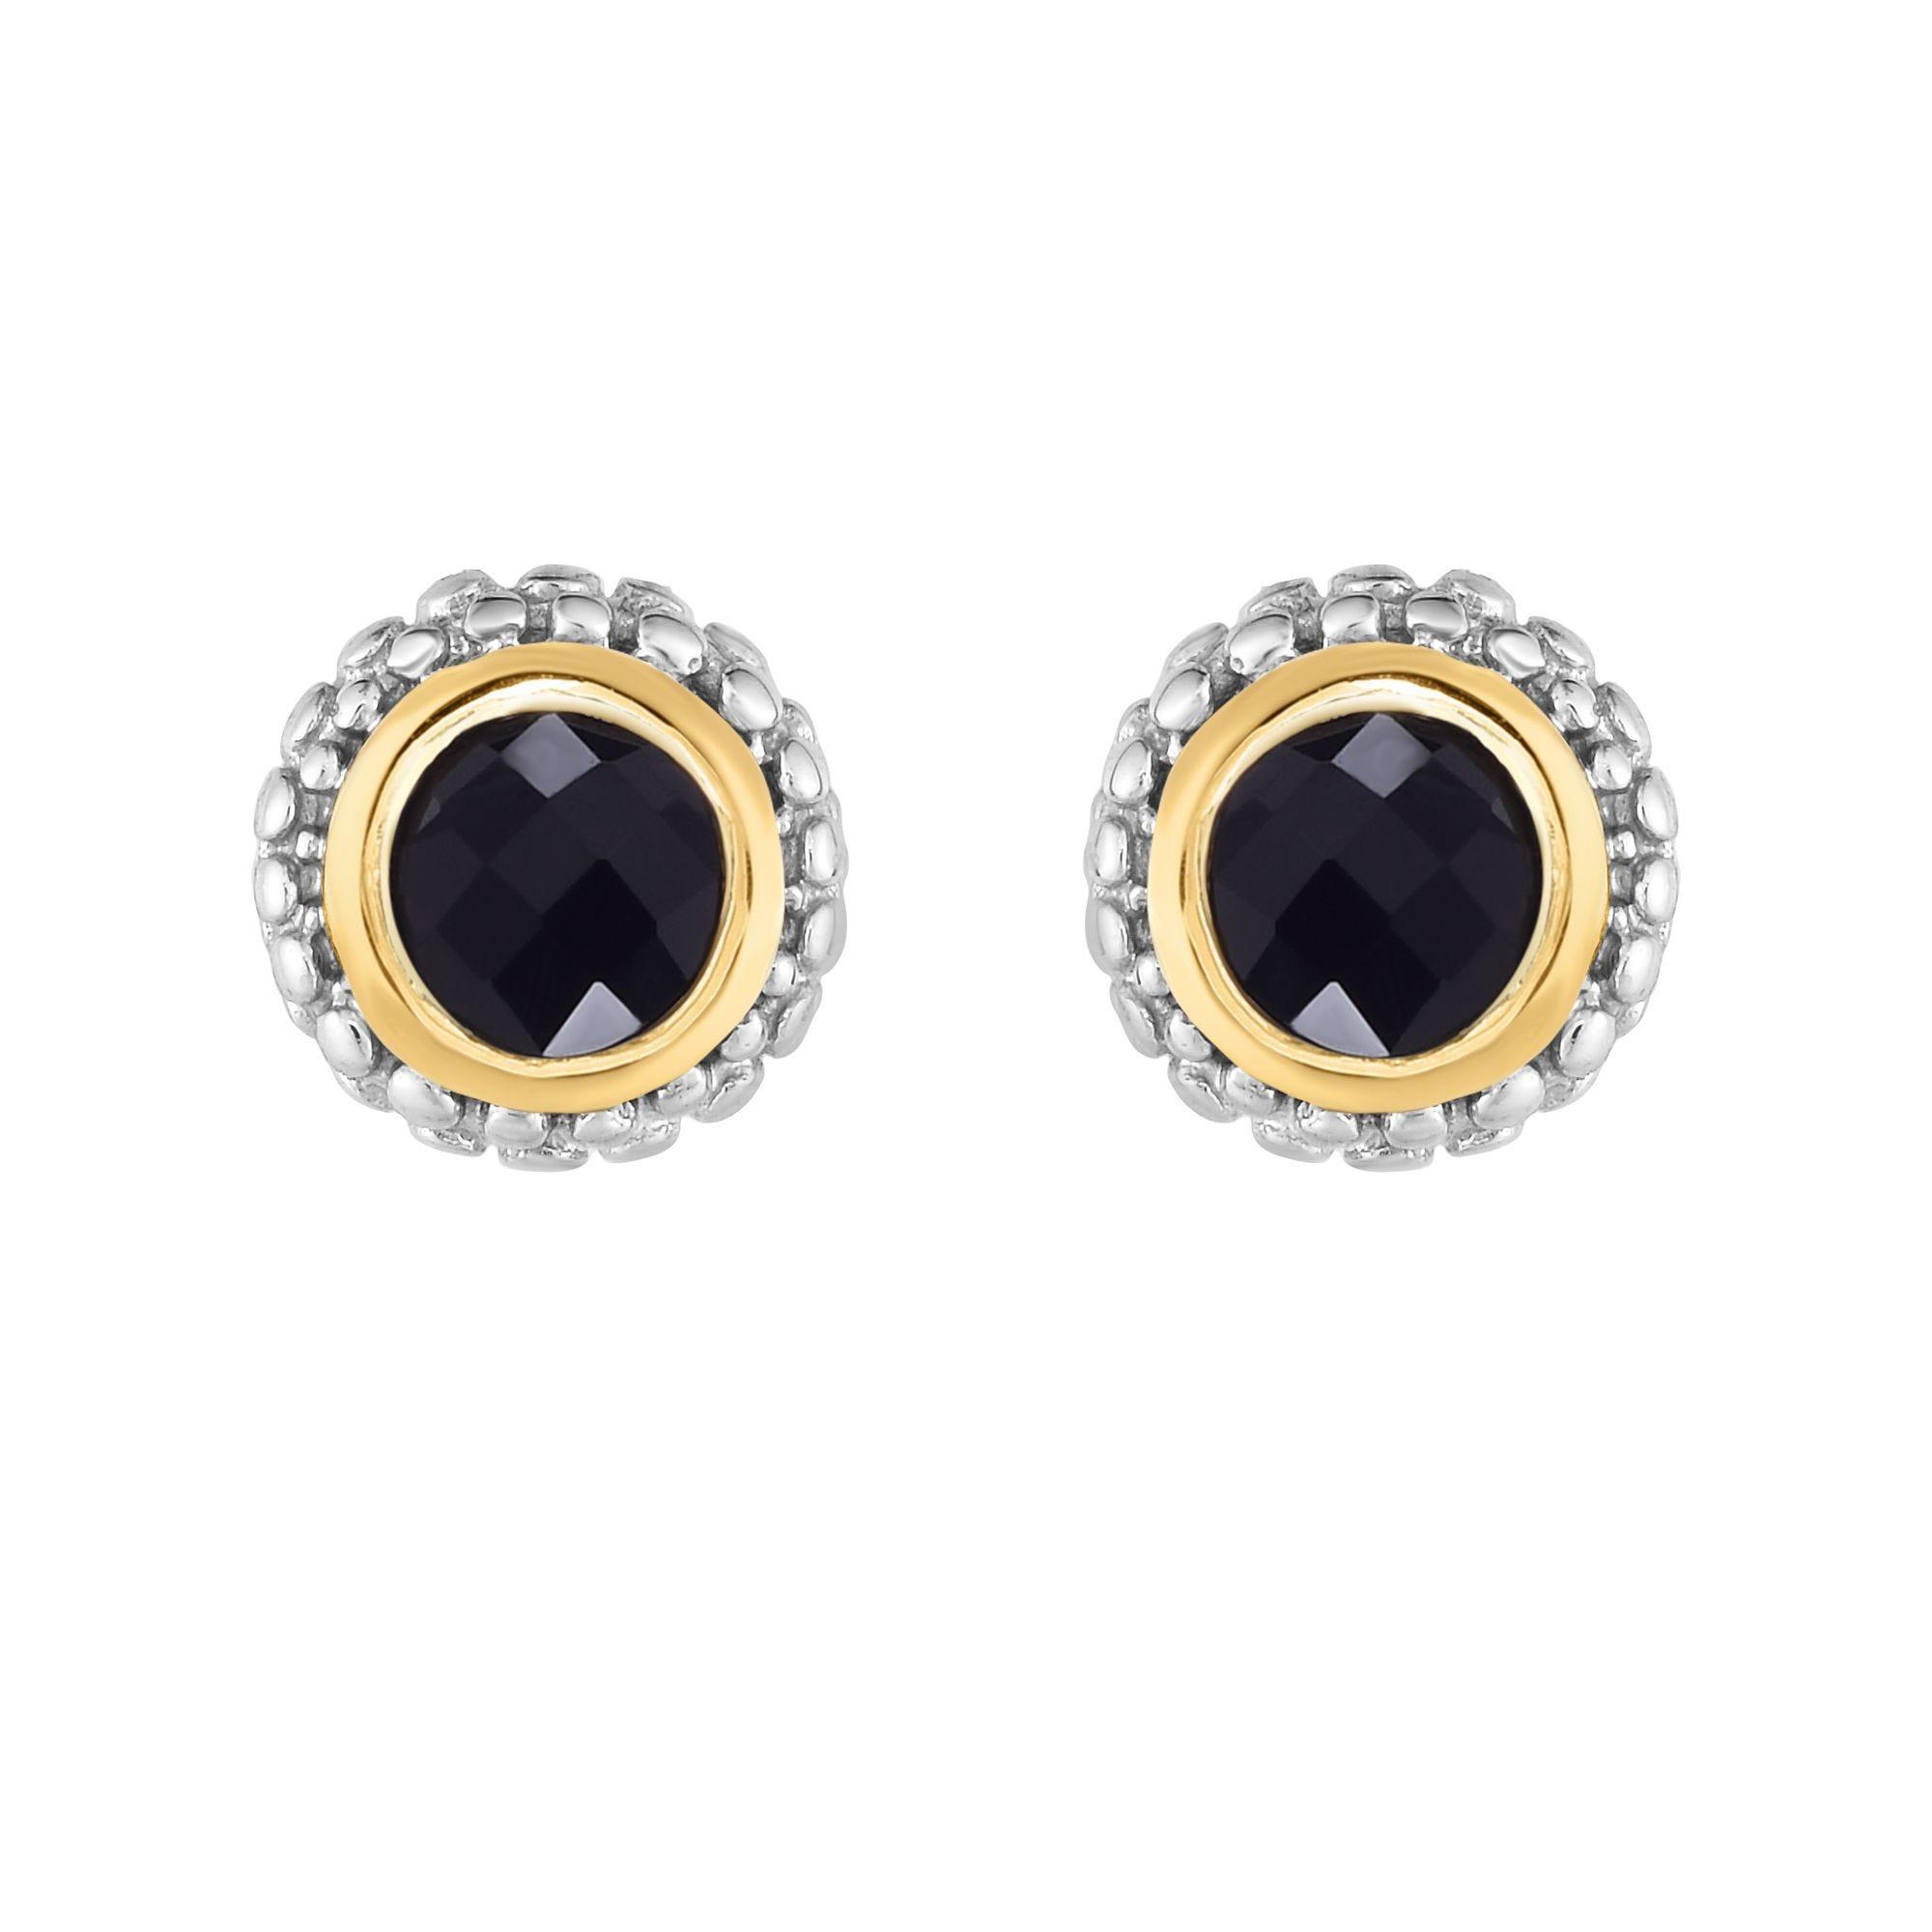 Black Onyx Double Halo Earrings in Sterling Silver